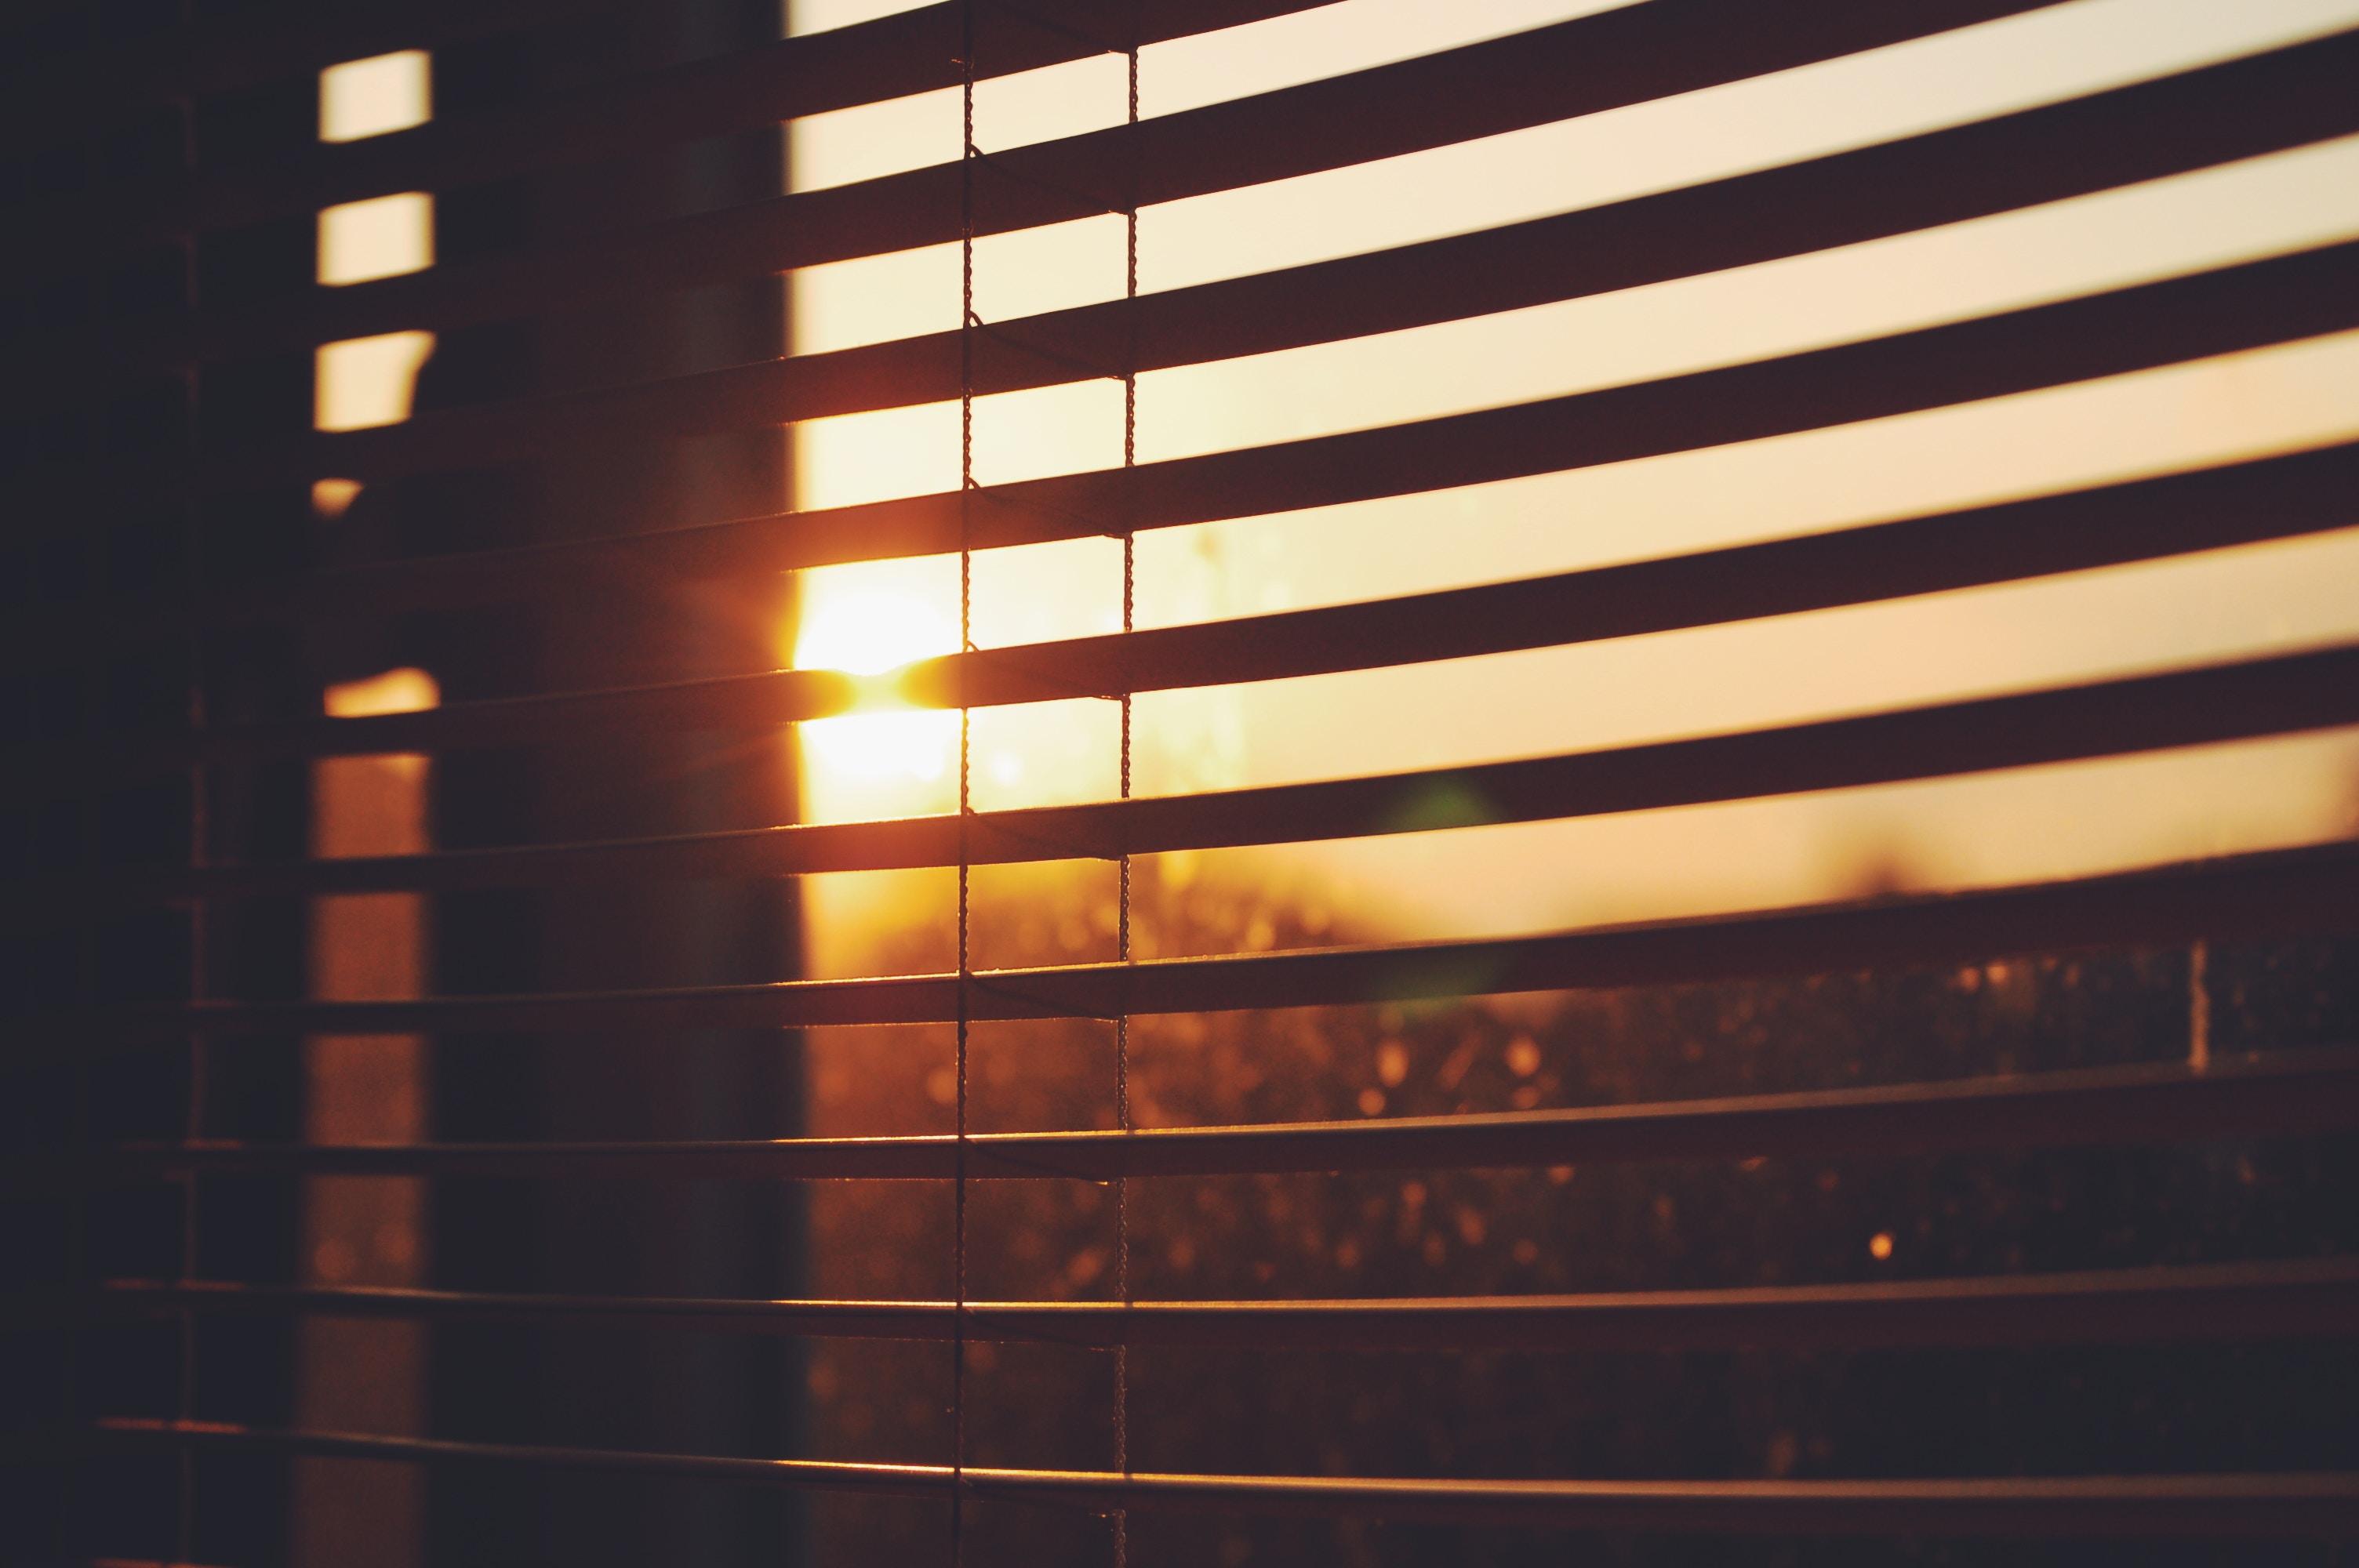 schlafenszeit tipps wie man im sommer trotz hitze gut schlafen kann beautynews. Black Bedroom Furniture Sets. Home Design Ideas